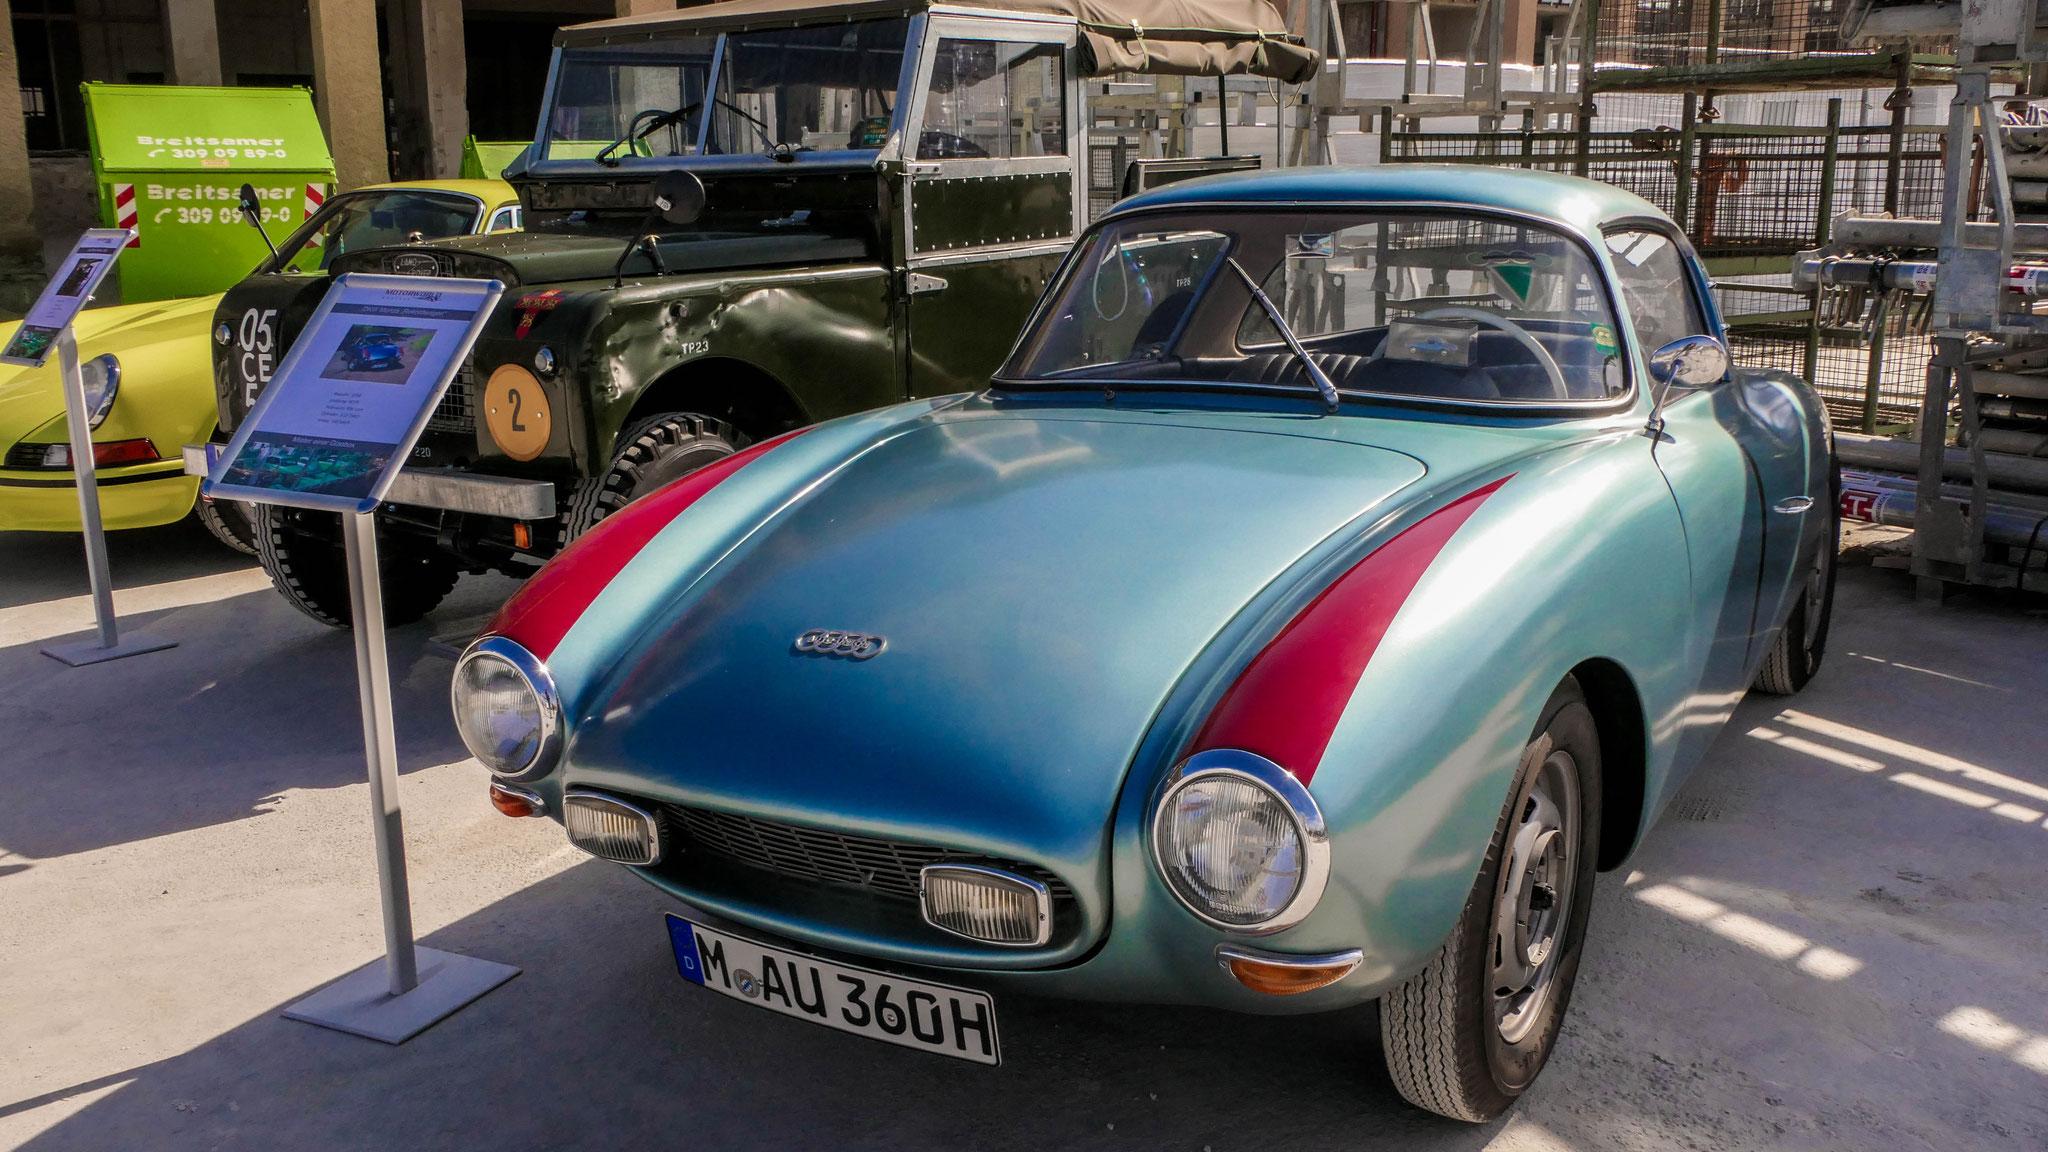 DKW Monza - M-AU-360H